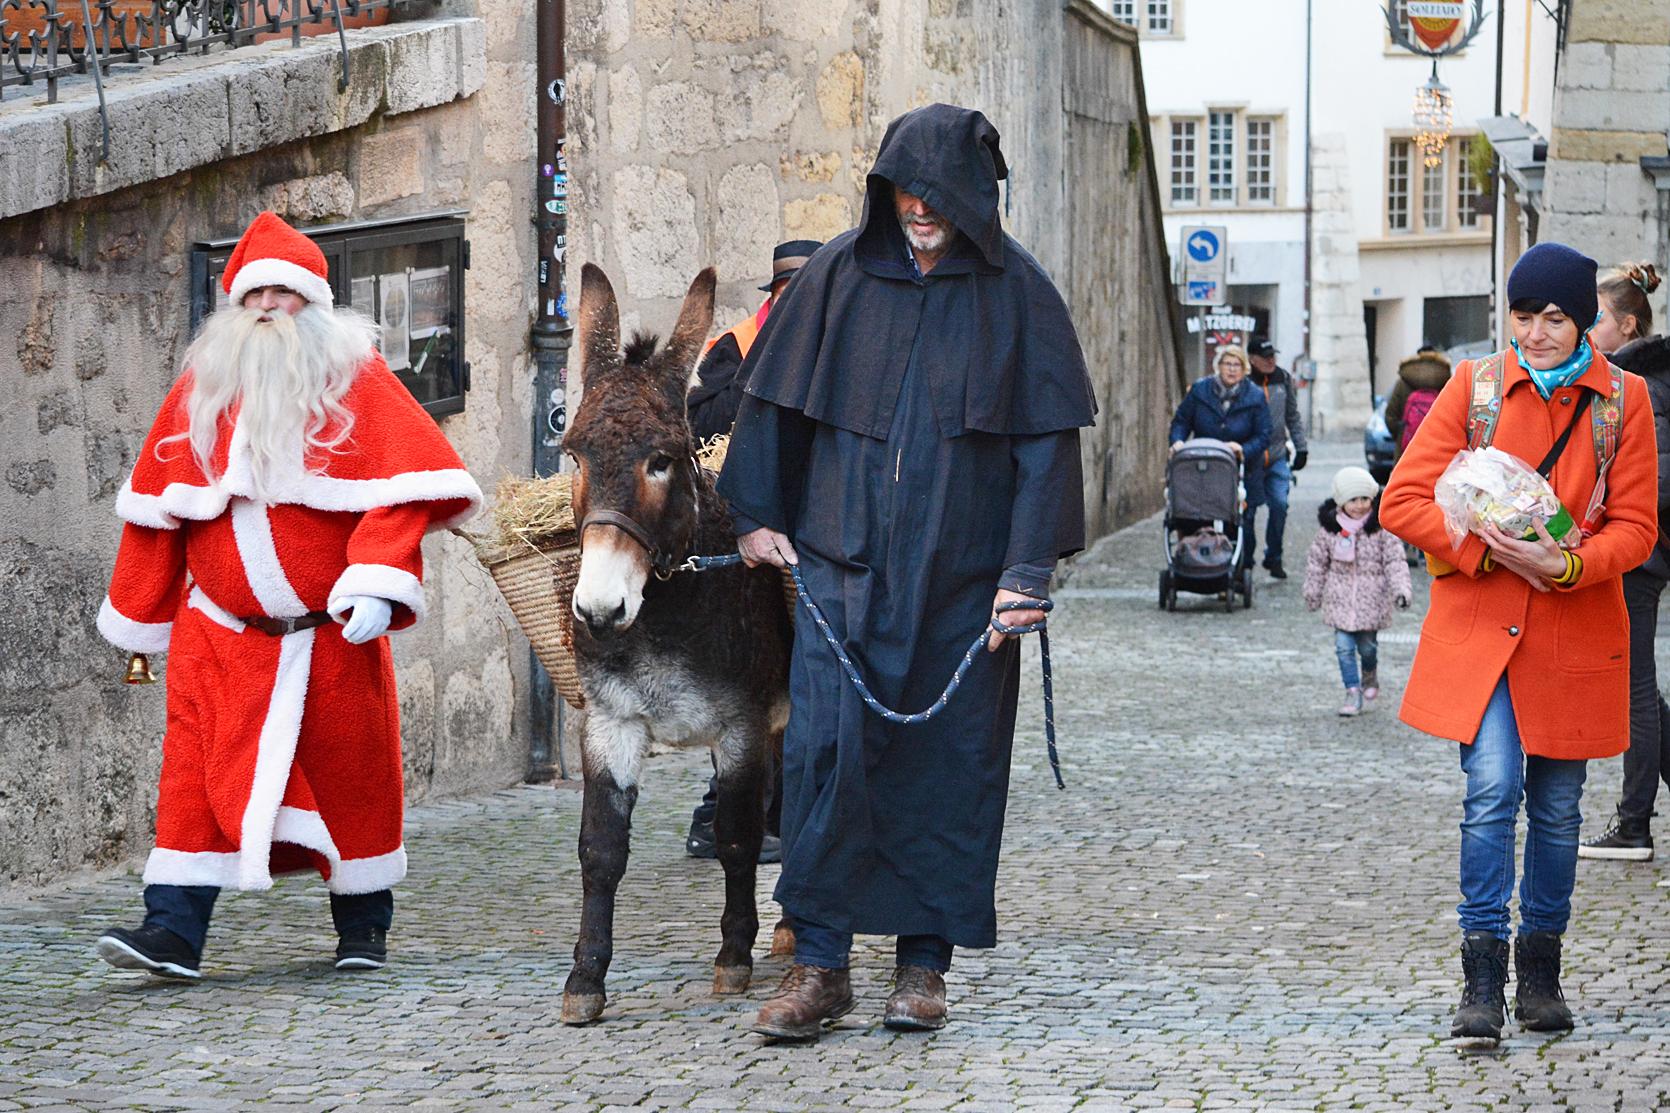 Samichlaus, Schmutzli und Esel spazieren das Kirchgässli hinaus und werden von den Passanten begleitet